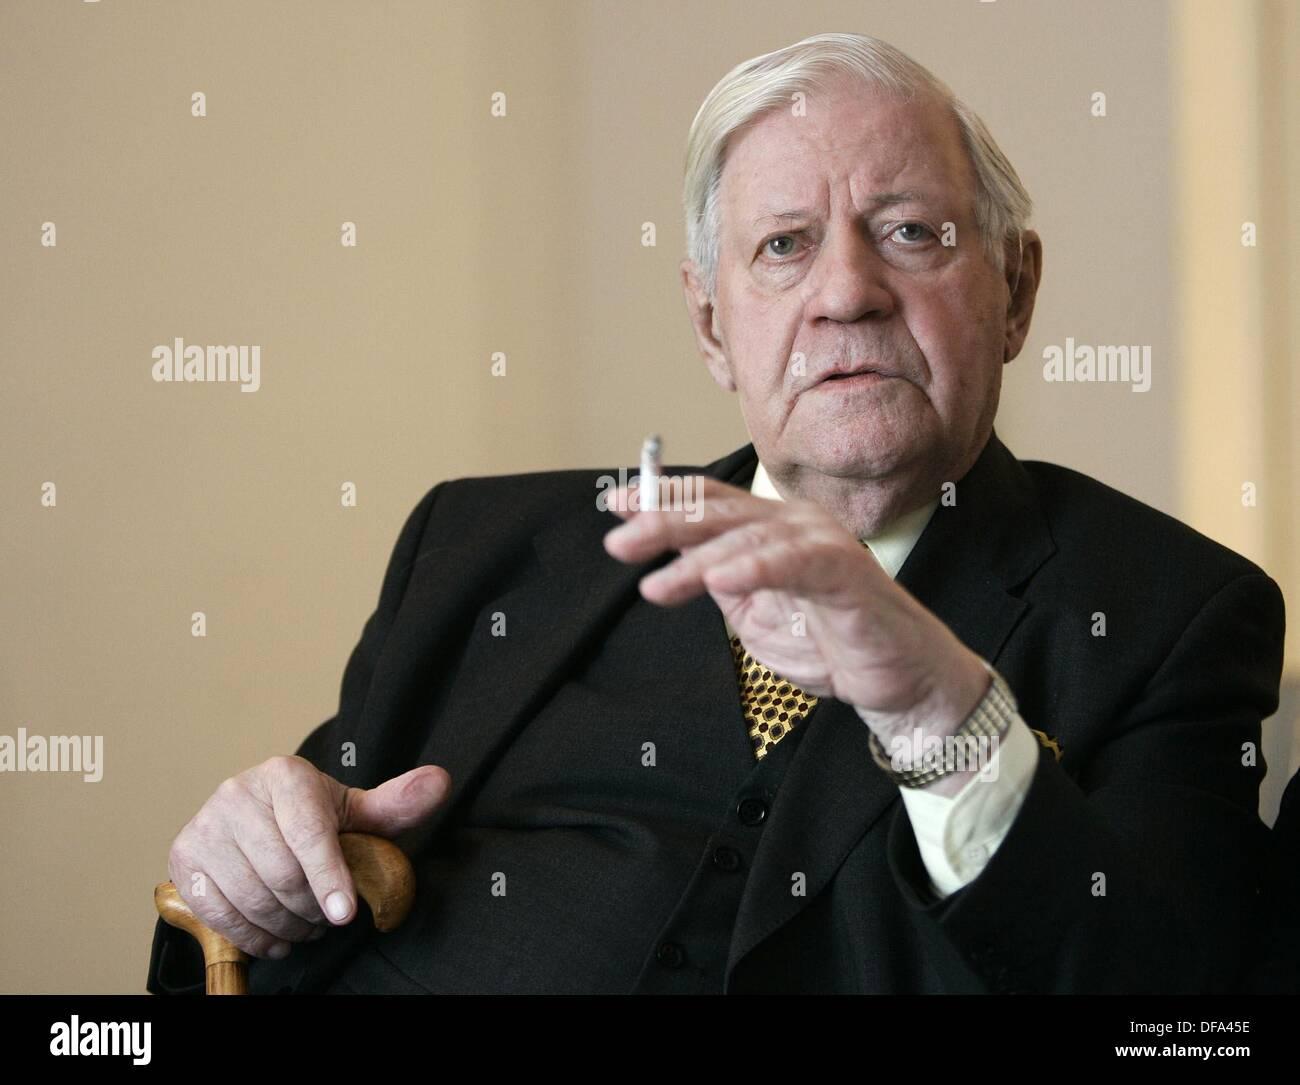 L'ancien chancelier allemand Helmut Schmidt participe à la cérémonie de remise des Prix des Journalistes Helmut Schmidt le 13 octobre en 2005. Banque D'Images